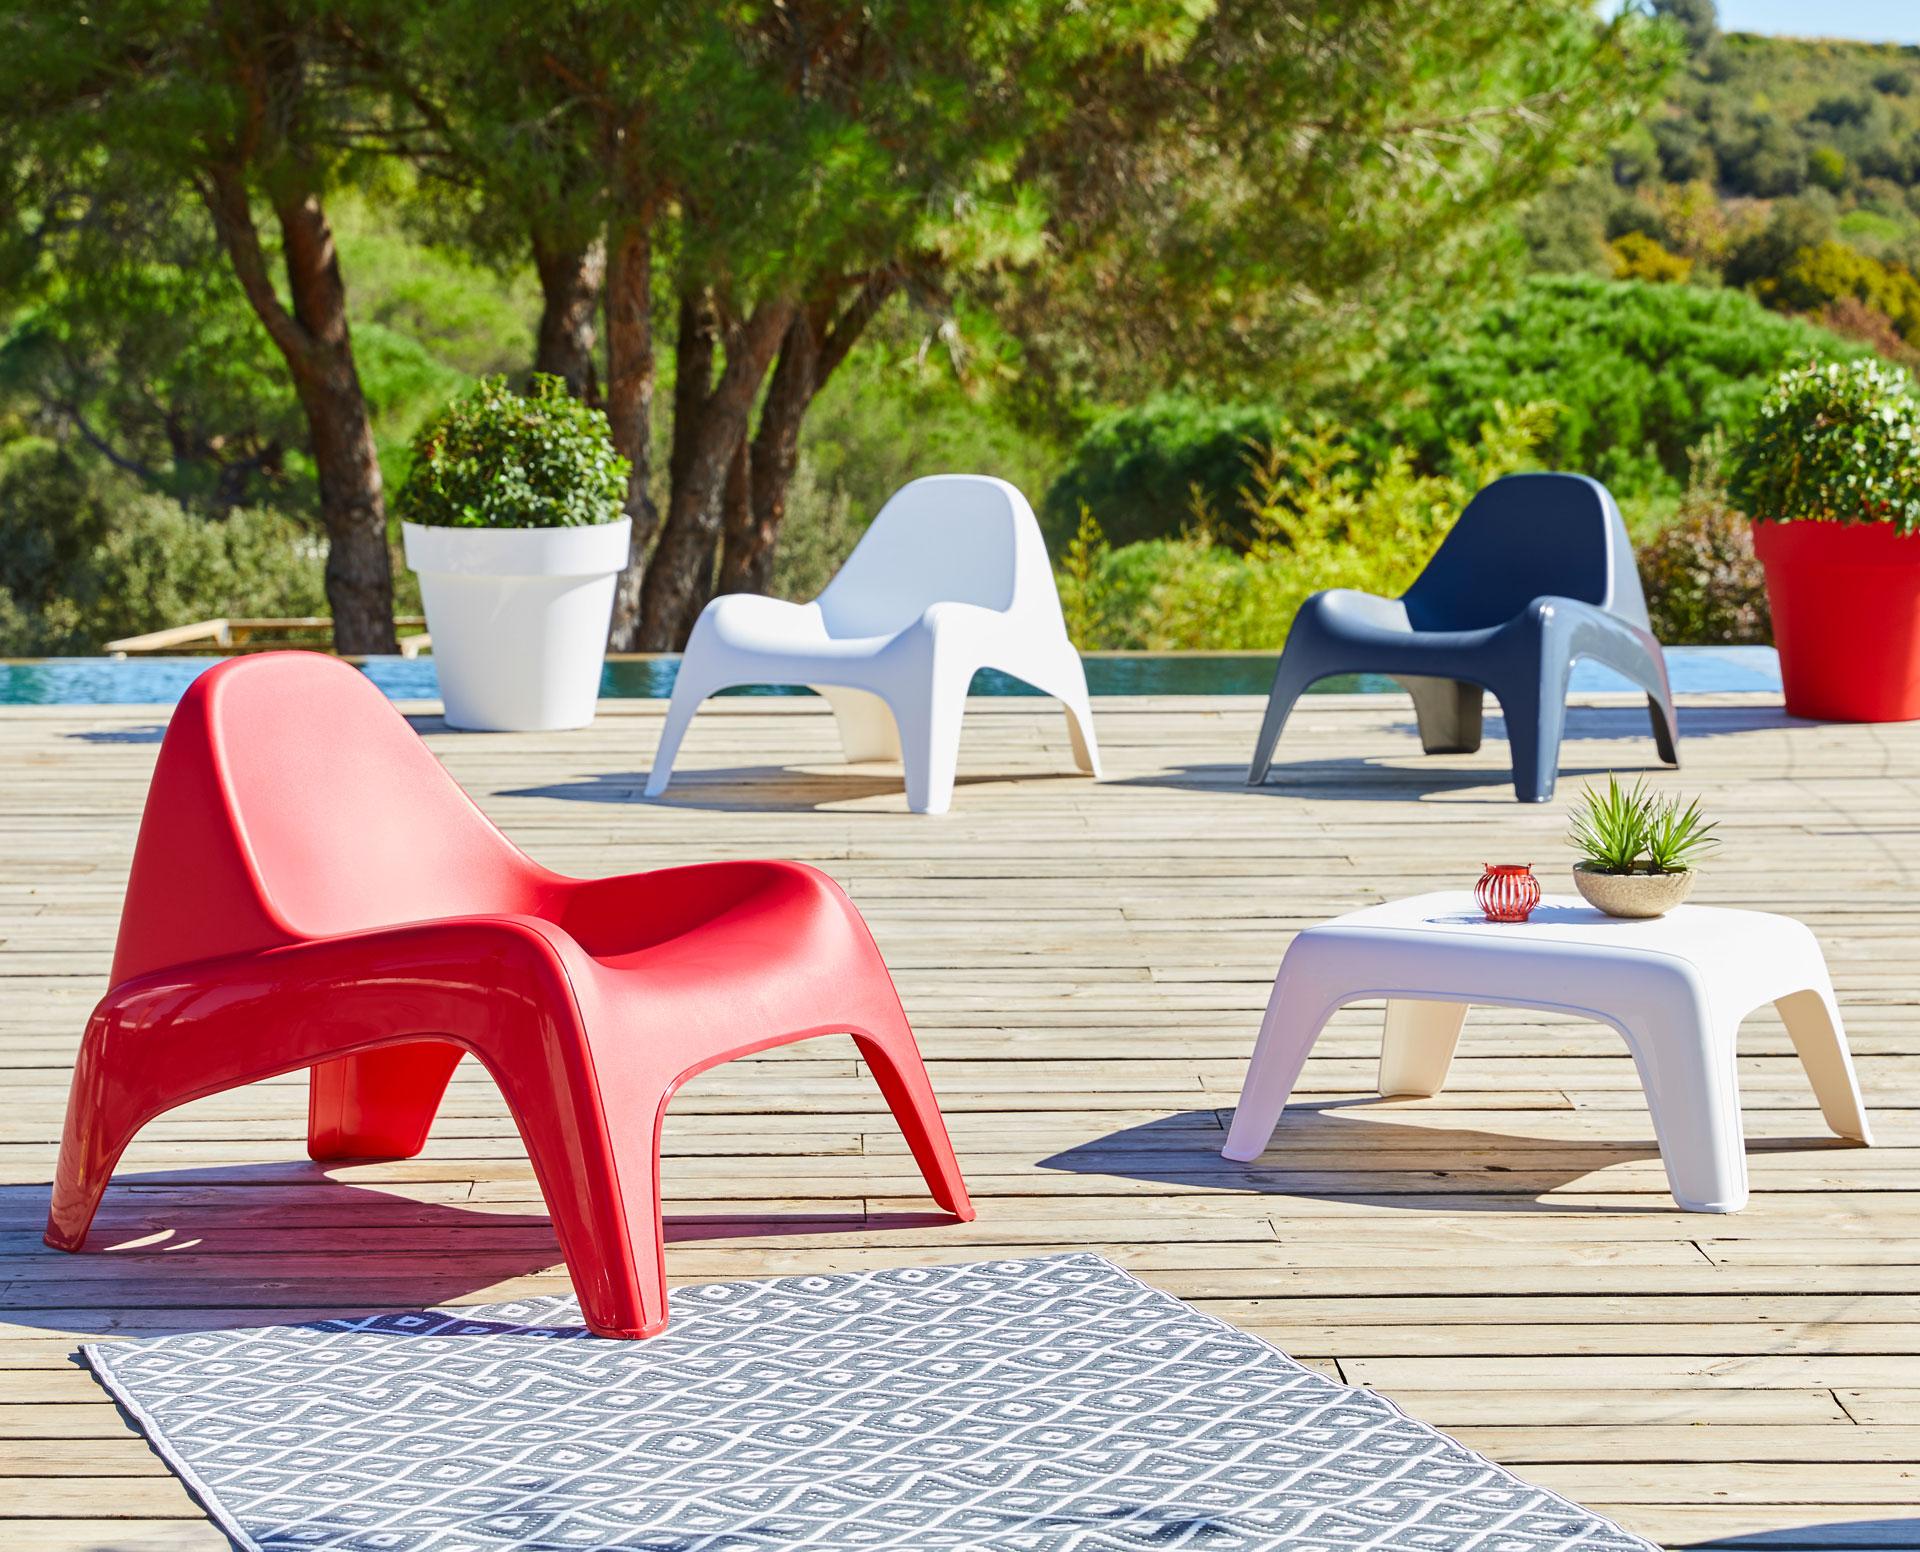 Comment Installer Une Piscine Dans Un Petit Jardin encequiconcerne Carrefour Piscine Hors Sol